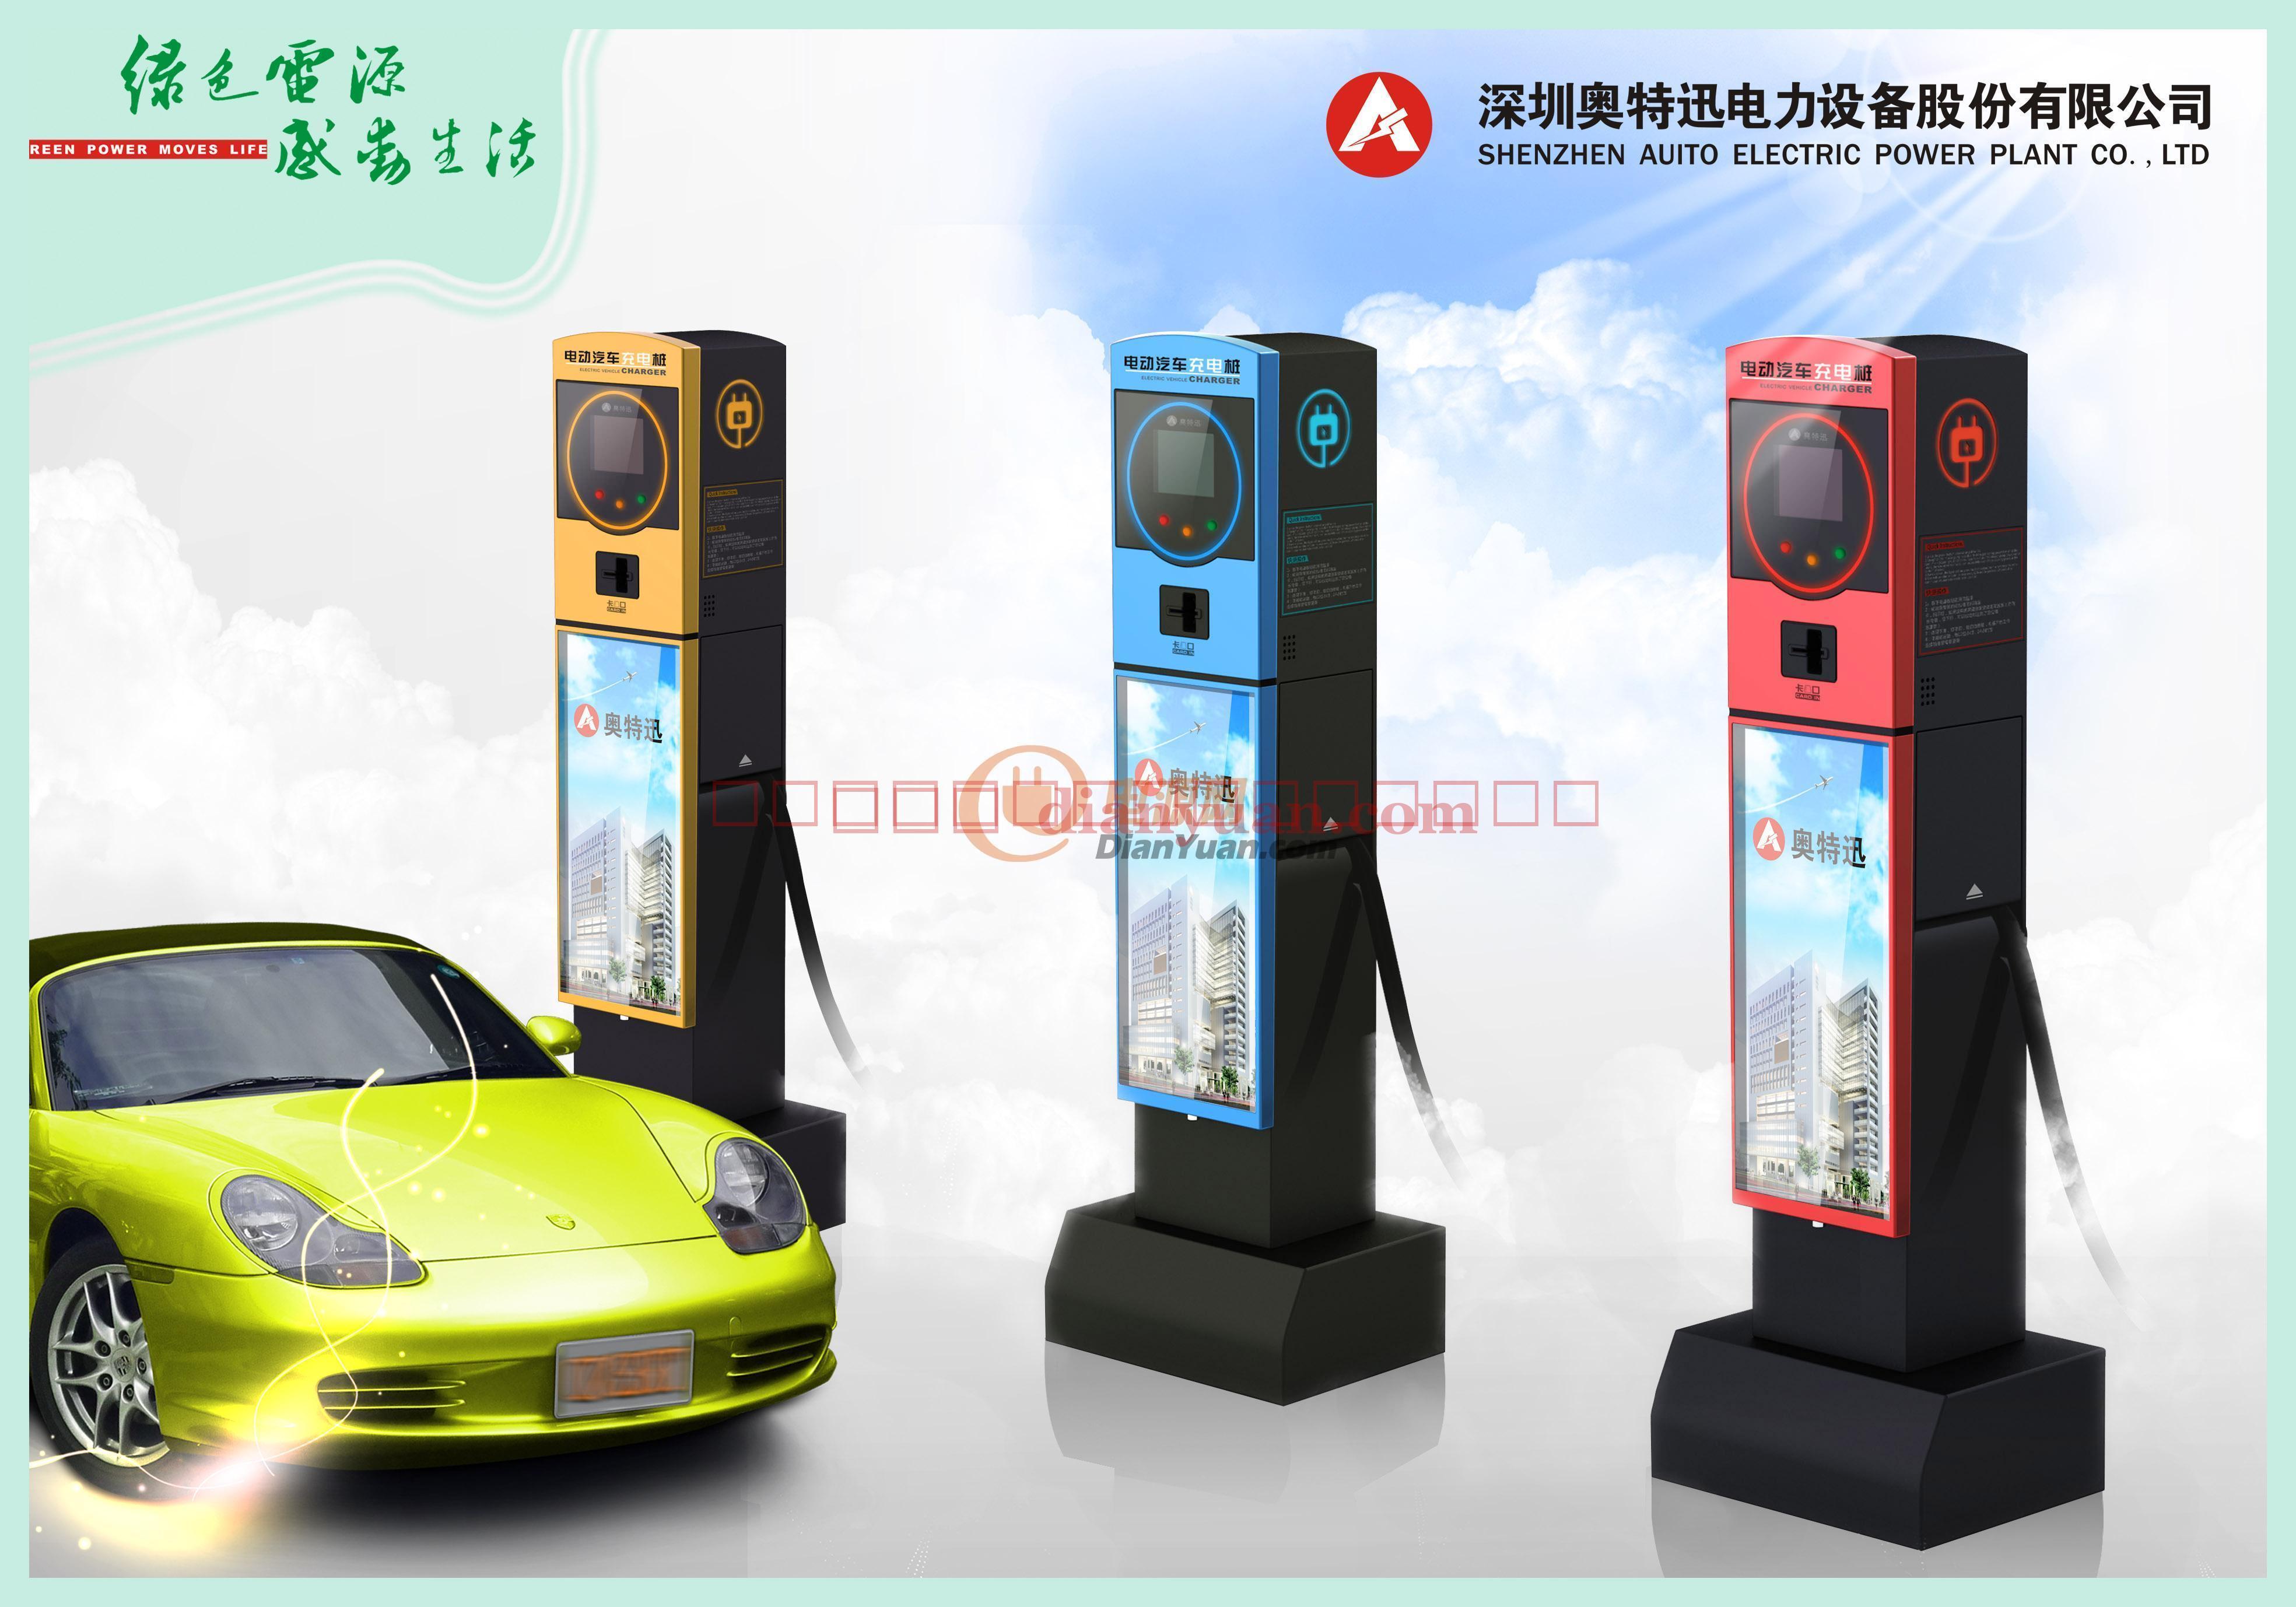 [产品介绍]: 尊敬的顾客, 您好! 非常感谢您关注深圳奥特迅电力设备股份有限公司的充电桩产品。以下是我们公司为顾客提供的三种电动汽车充电桩合作模式,如果您对此感兴趣,欢迎您随时向我们咨询。我们期待与您的合作。 第一种:电动汽车充电设施投资运营商 1、投资建设 (1)投资建设智慧充电云服务网络运营管理平台 (2)投资建设充电设施 2、运营管理 (1)投资服务 (2)增值服务 (3)运维管理 第二种:智慧充电站设计、施工、交钥匙工程 1、电动巴士快速充电站 2、电动乘用车快速充电站(注:含加油充电站) 3、